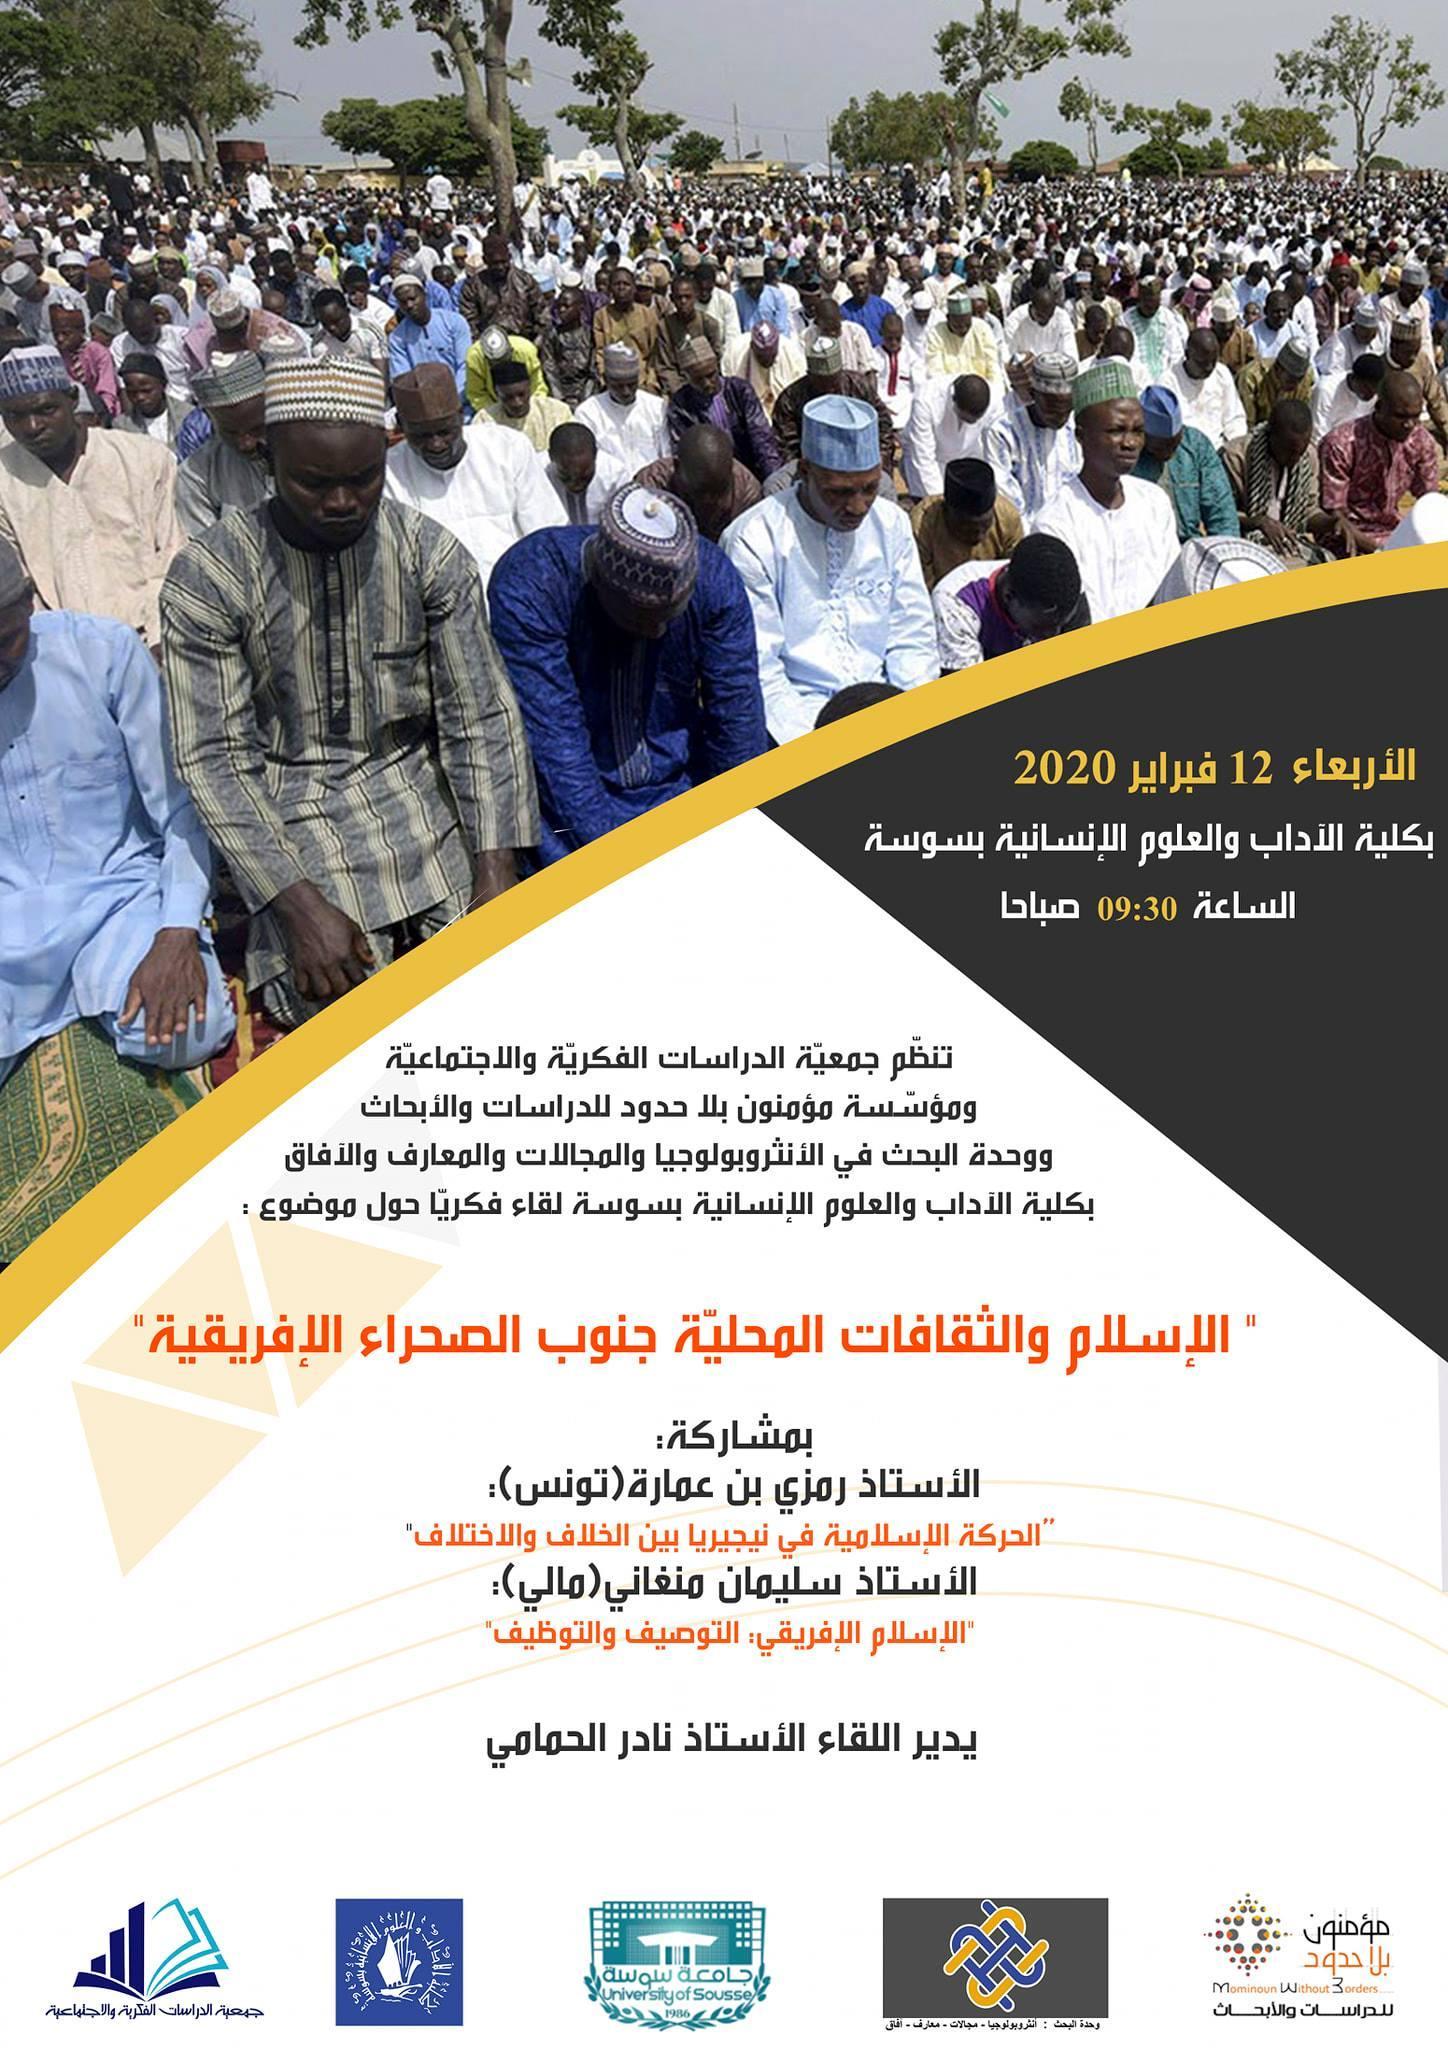 الإسلام والثقافات المحليّة جنوب الصحراء الإفريقية